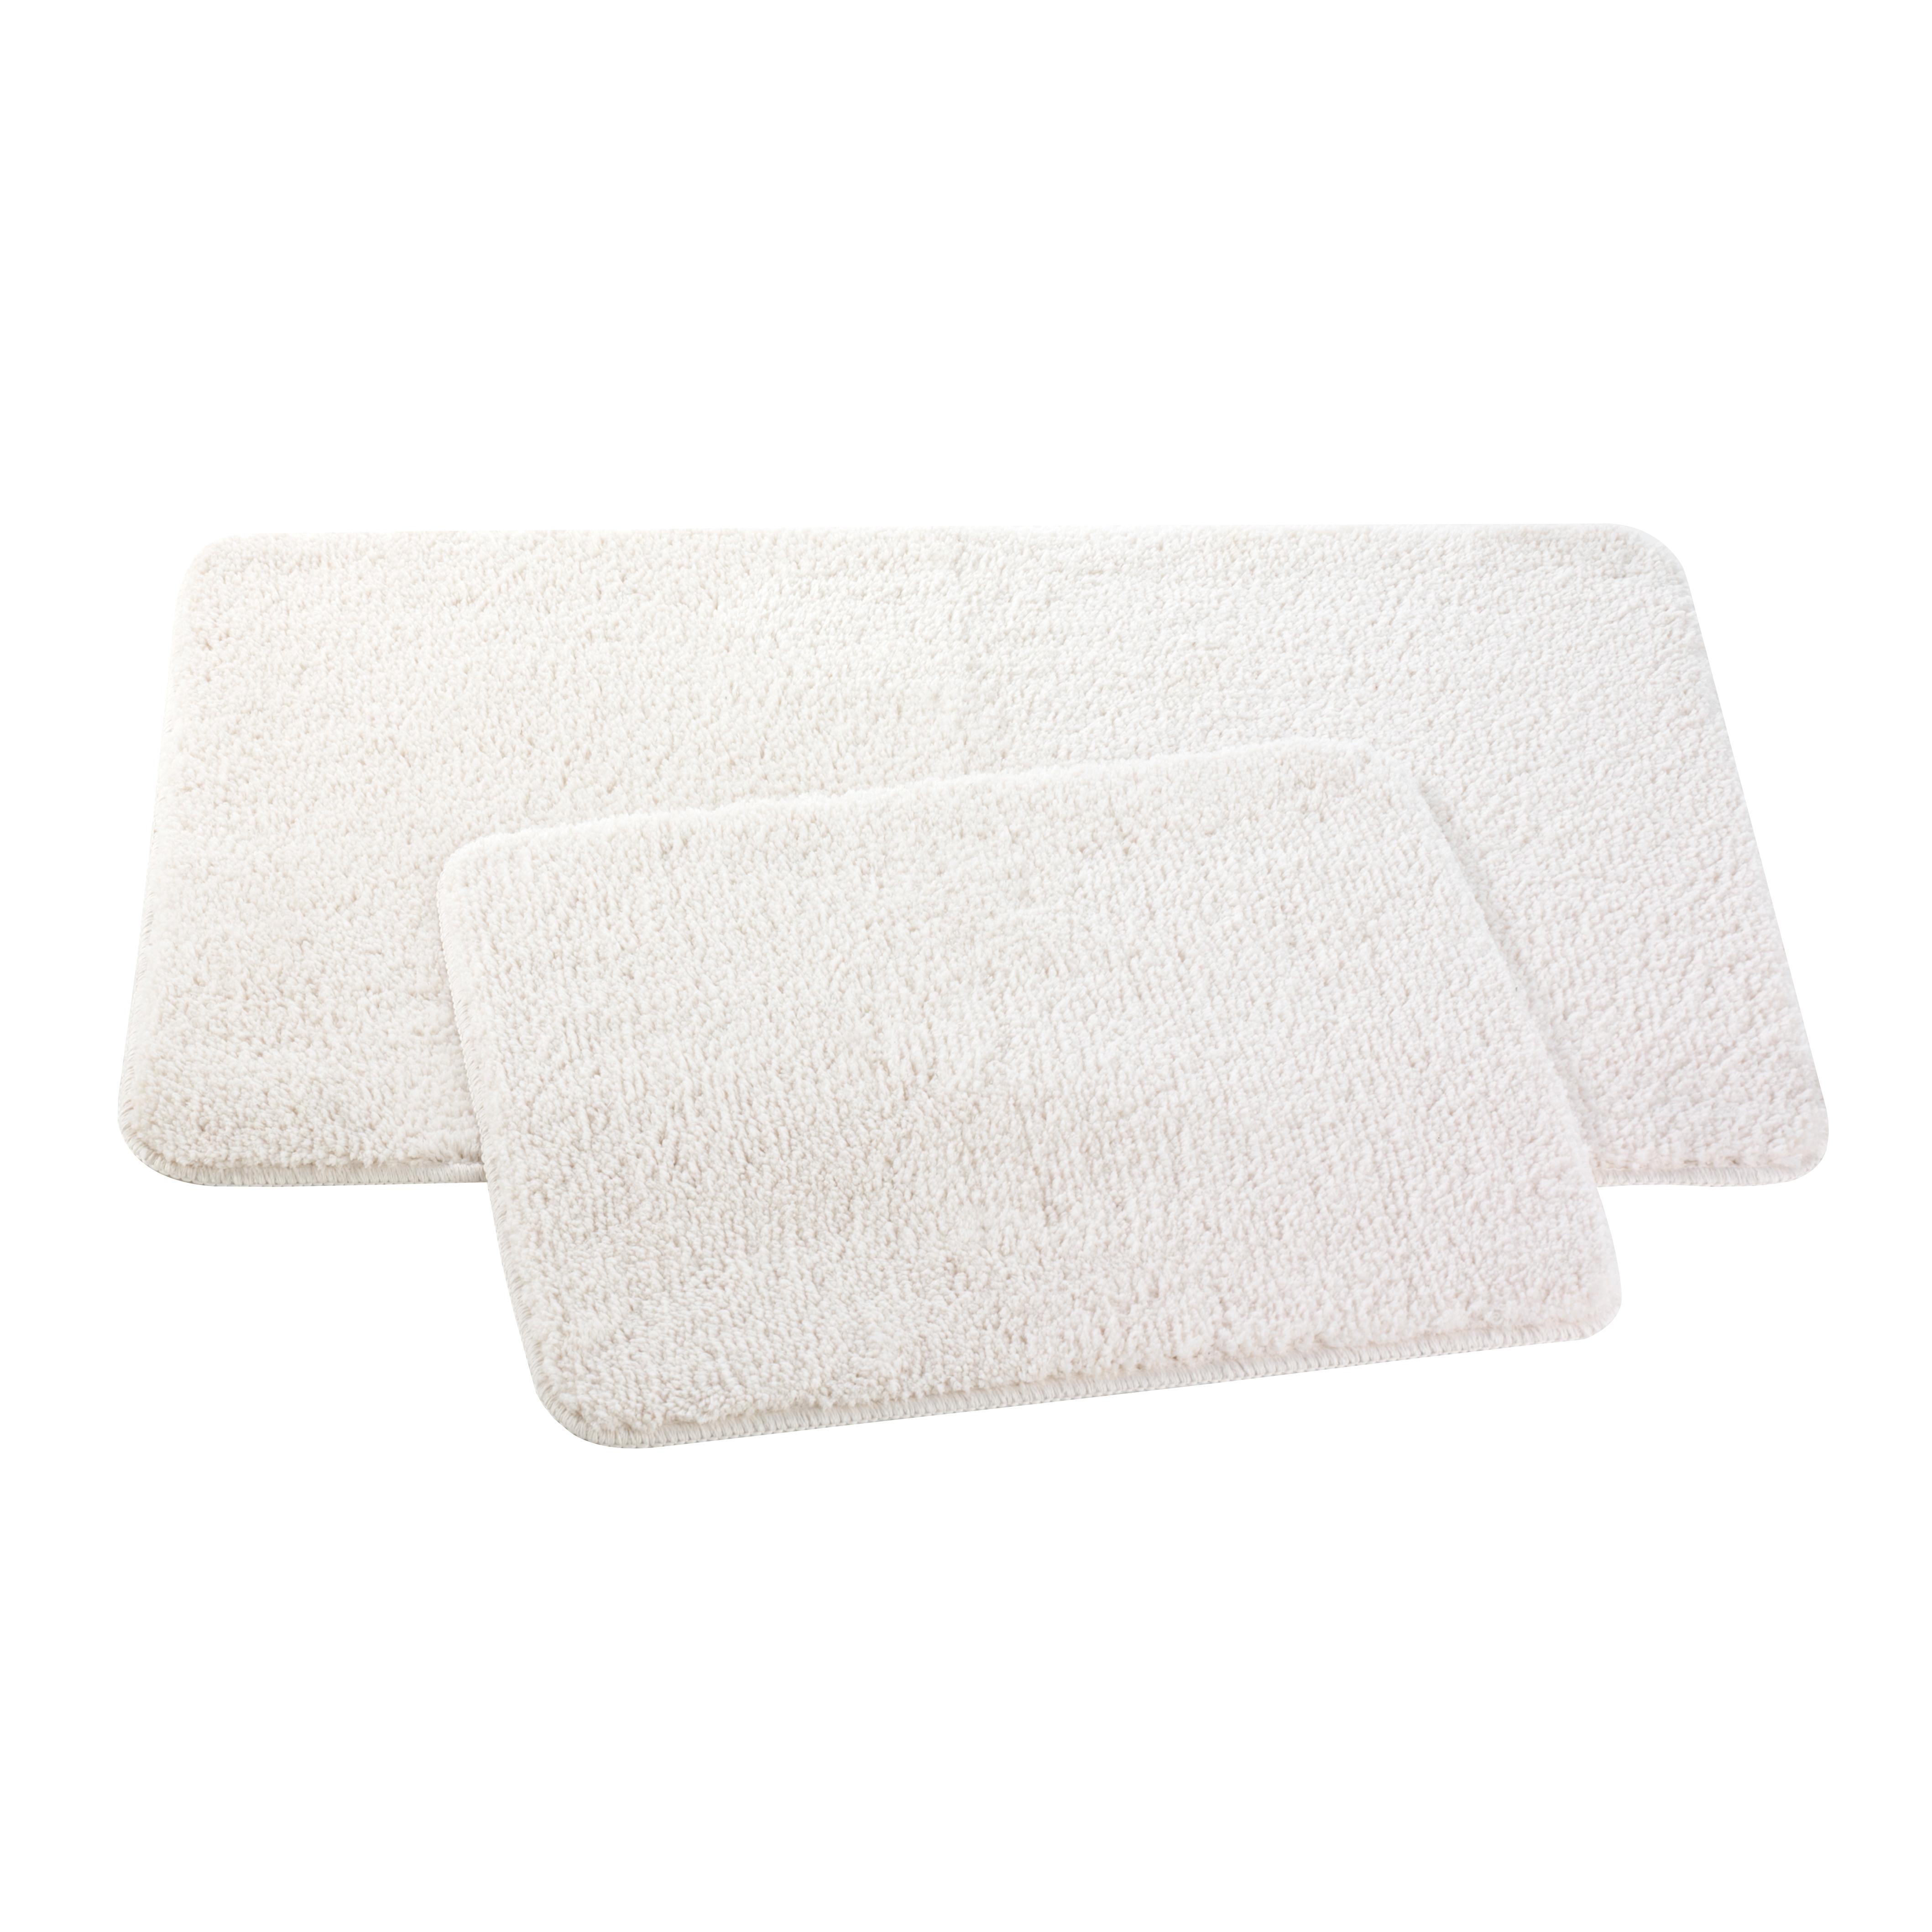 Набор ковриков для ванной и туалета Axentia, цвет: бежевый, 2 штPARIS 75015-8C ANTIQUEНабор Axentia, выполненный из микрофибры (100% полиэстер), состоит из двухстеганыхковриков для ваннойкомнаты и туалета. Противоскользящее основание изготовлено изтермопластичной резиныи подходит для полов с подогревом. Коврики мягкие и приятные на ощупь,отлично впитываютвлагу и быстро сохнут.Высокая износостойкость ковриков и стойкость цвета позволит вам наслаждатьсяпокупкойдолгие годы.Можно стирать в стиральной машине.Размер ковриков: 50 х 80 см; 50 х 40 см. Высота ворса 1,5 см.